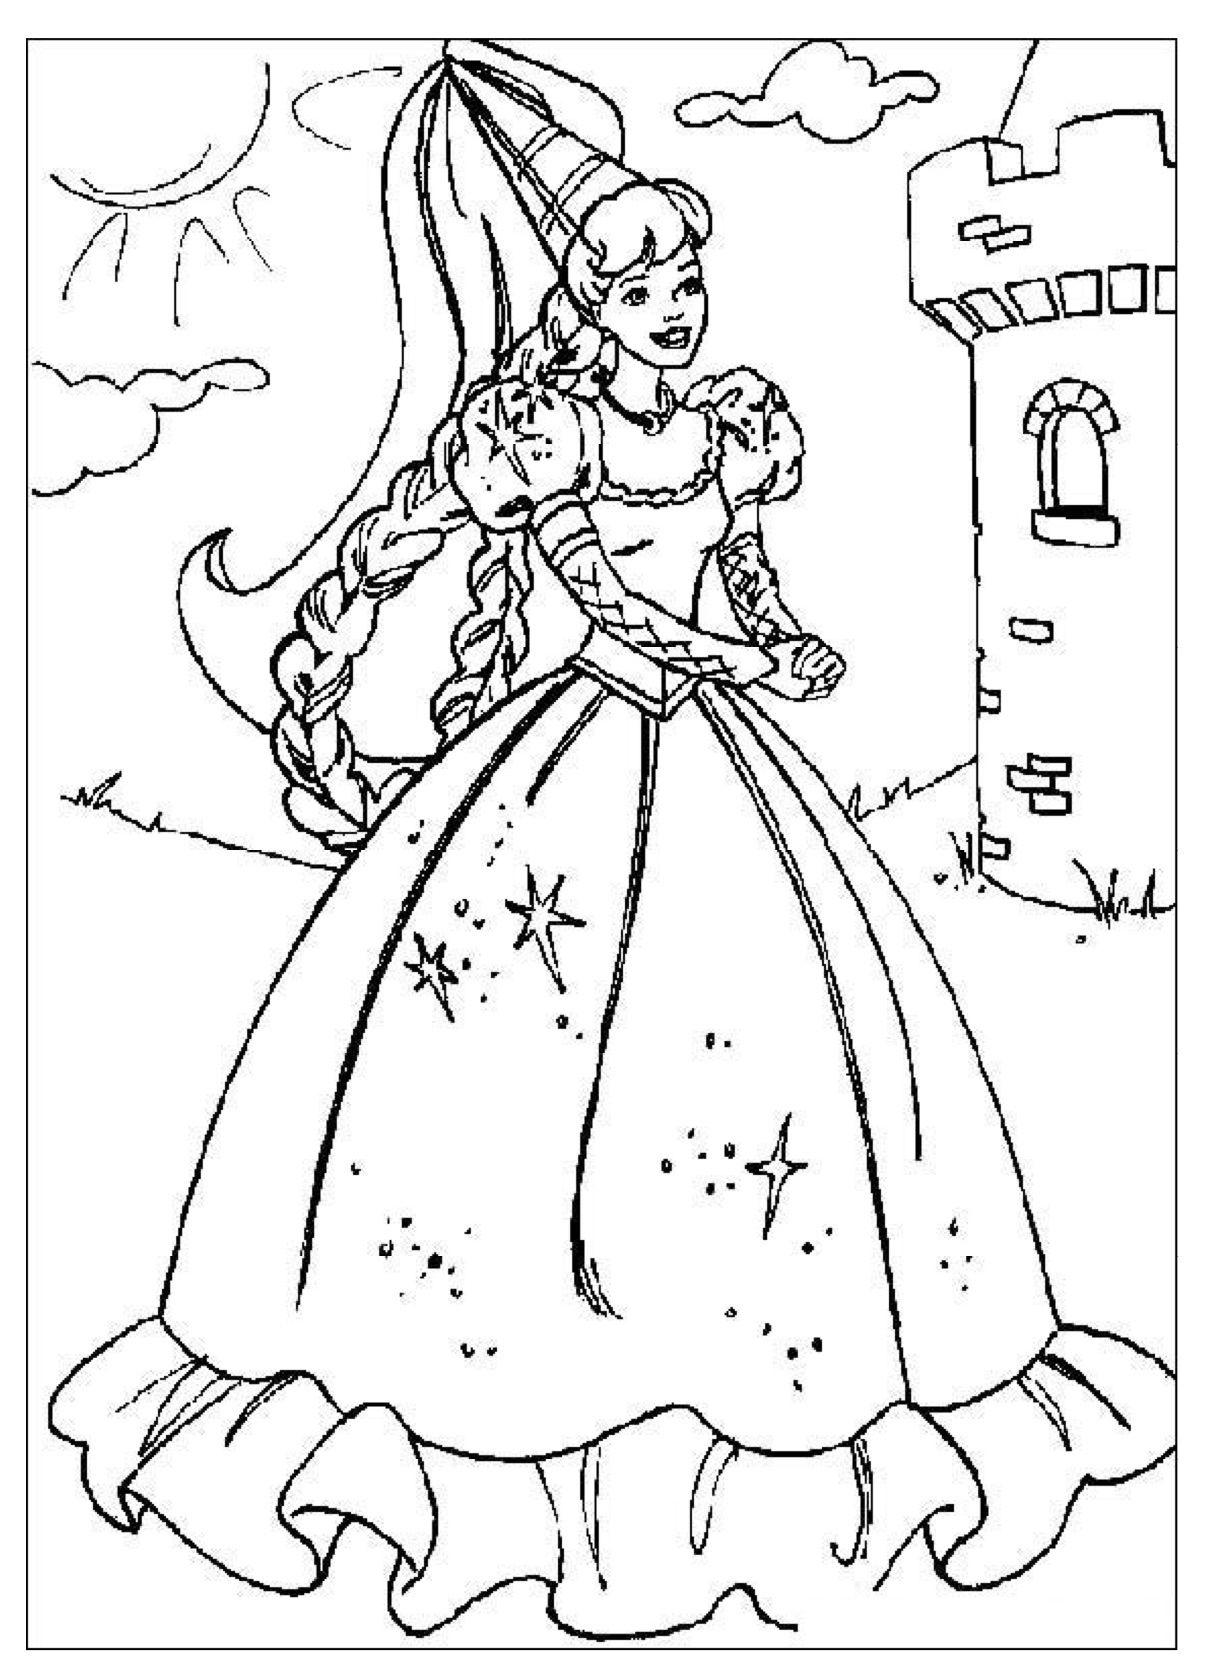 Gratis Kleurplaten Prinsessen.Kleurplaat Jonkvrouw Prinses Kleurplaatjes Kerstmis